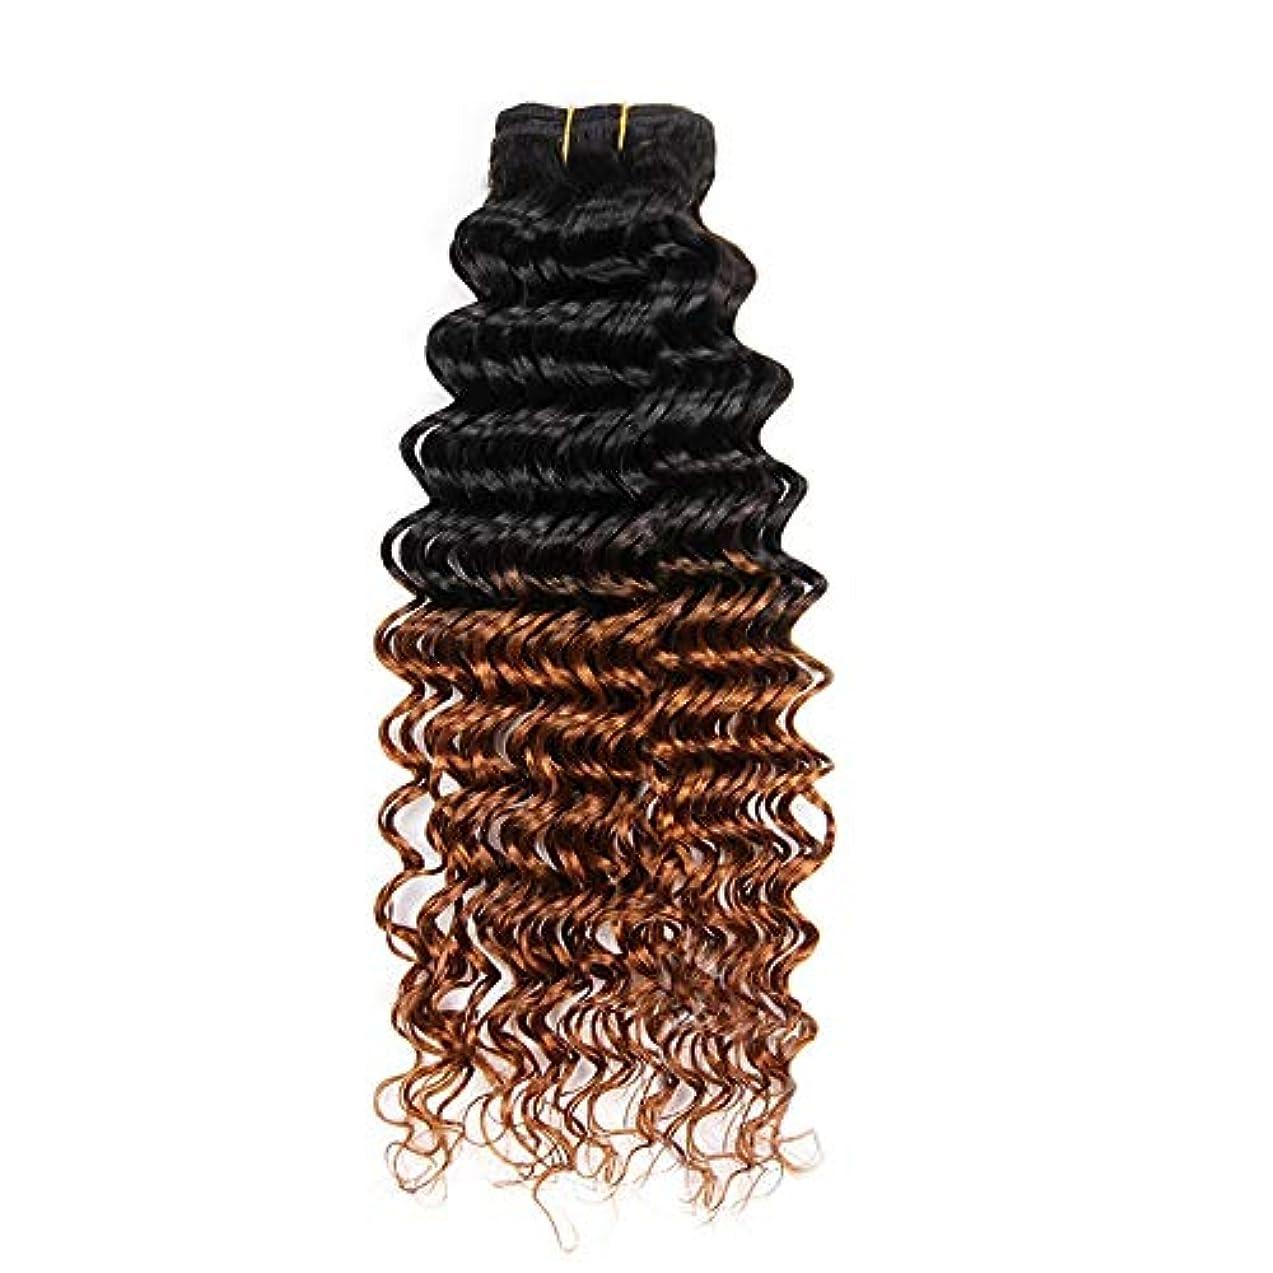 自動動かす上がるWASAIO 100%人毛横糸ディープウェーブエクステンションクリップ裏地なし髪型カーリーバンドルブラック1つのバンドルを着色ブラウン2トーンに (色 : ブラウン, サイズ : 22 inch)